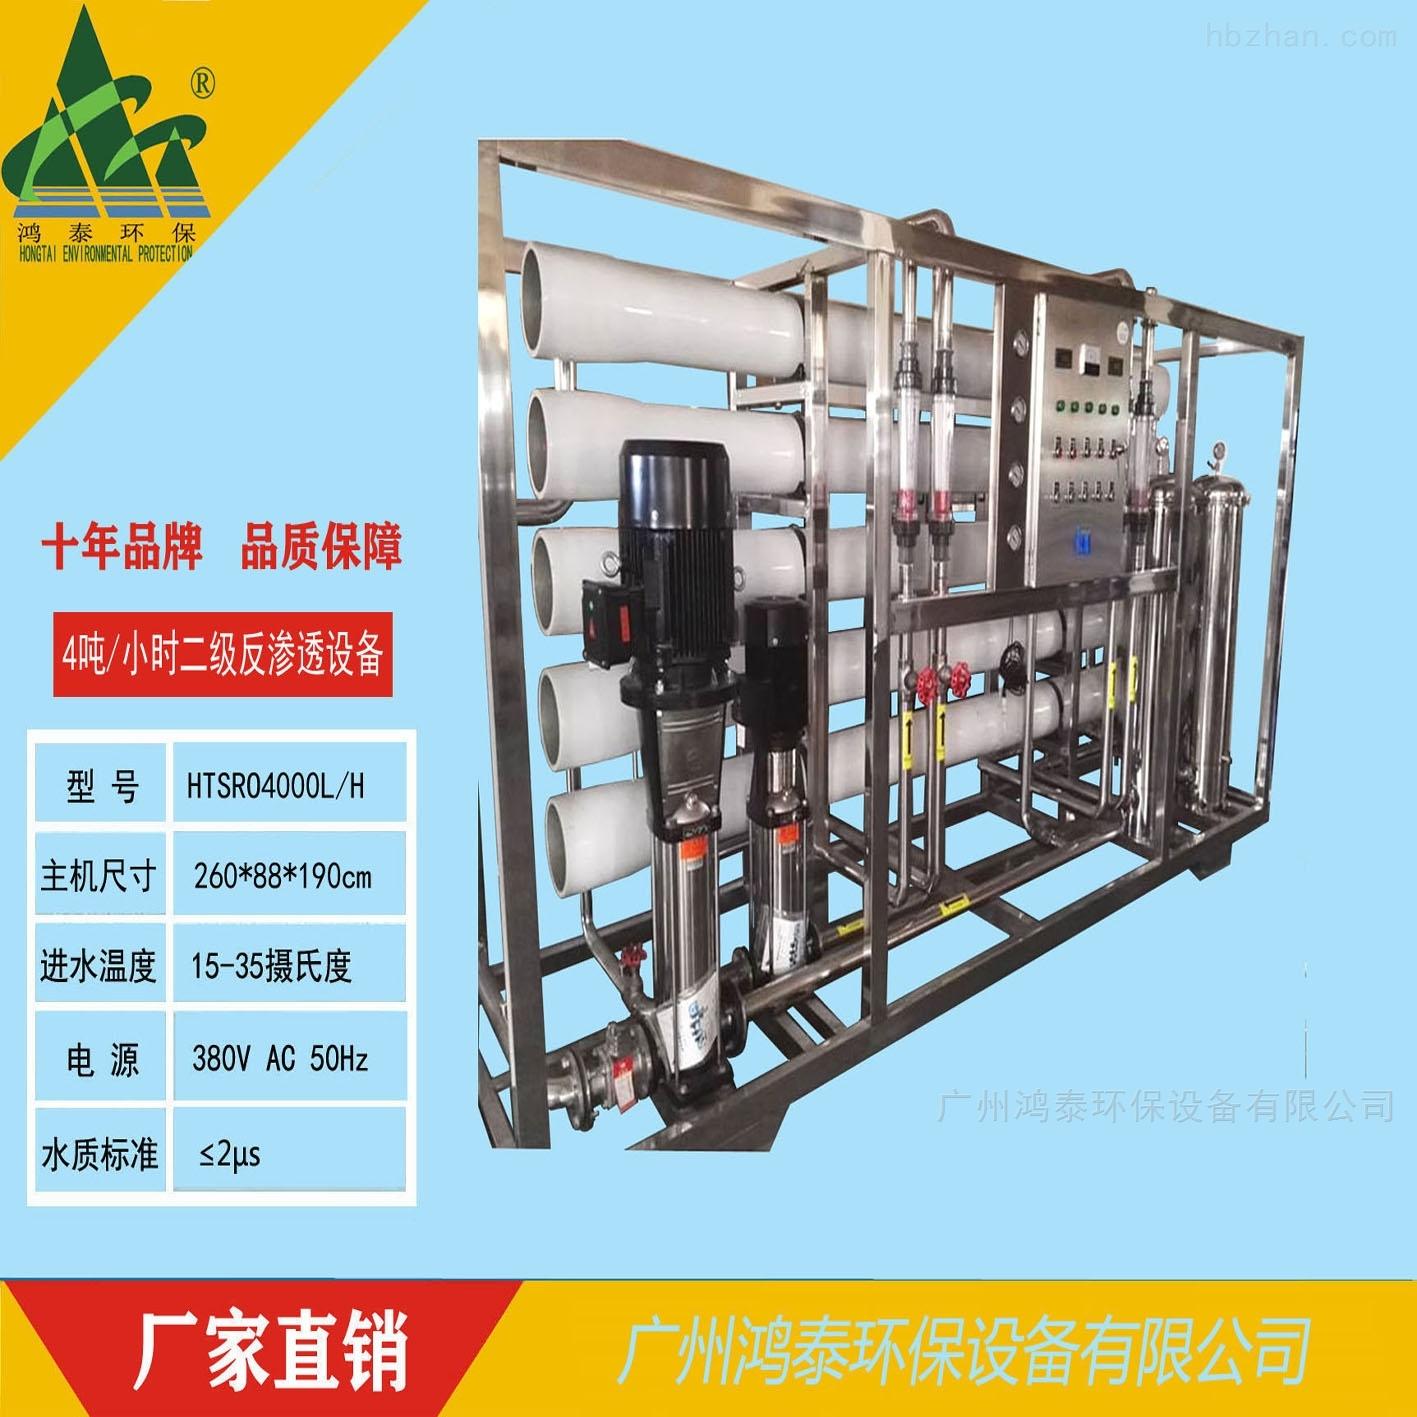 4吨/小时二级反渗透水处理设备